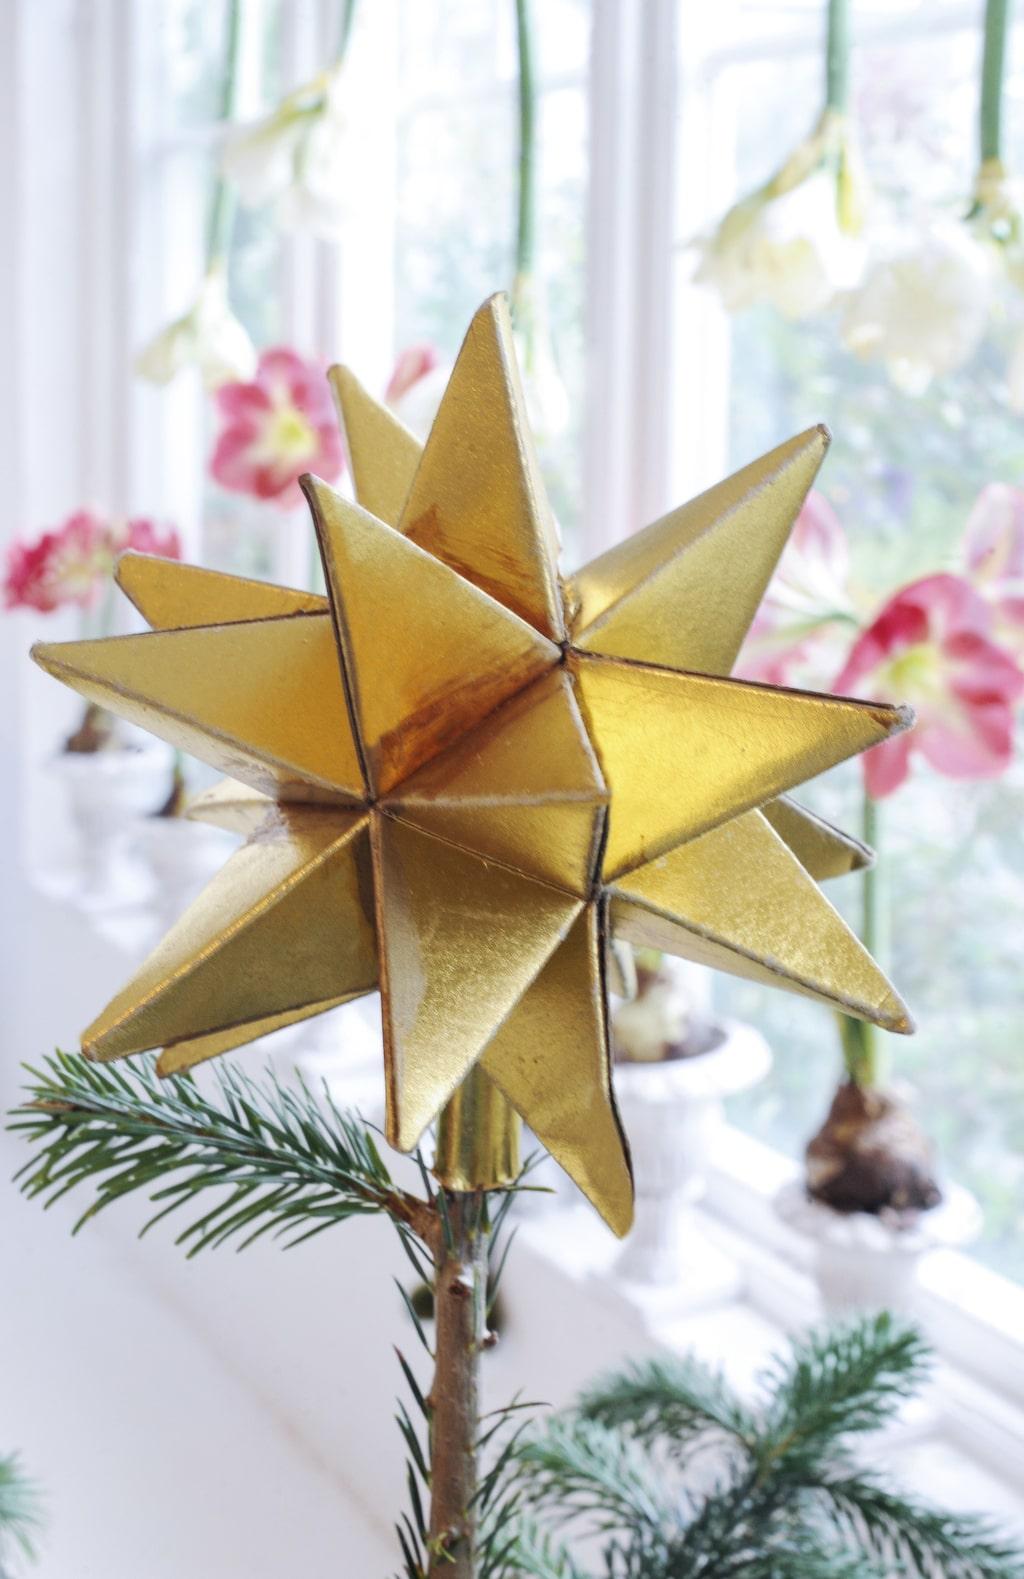 På en av de små granarna hittar vi denna antika stjärna som Håkan ropat in på auktion.